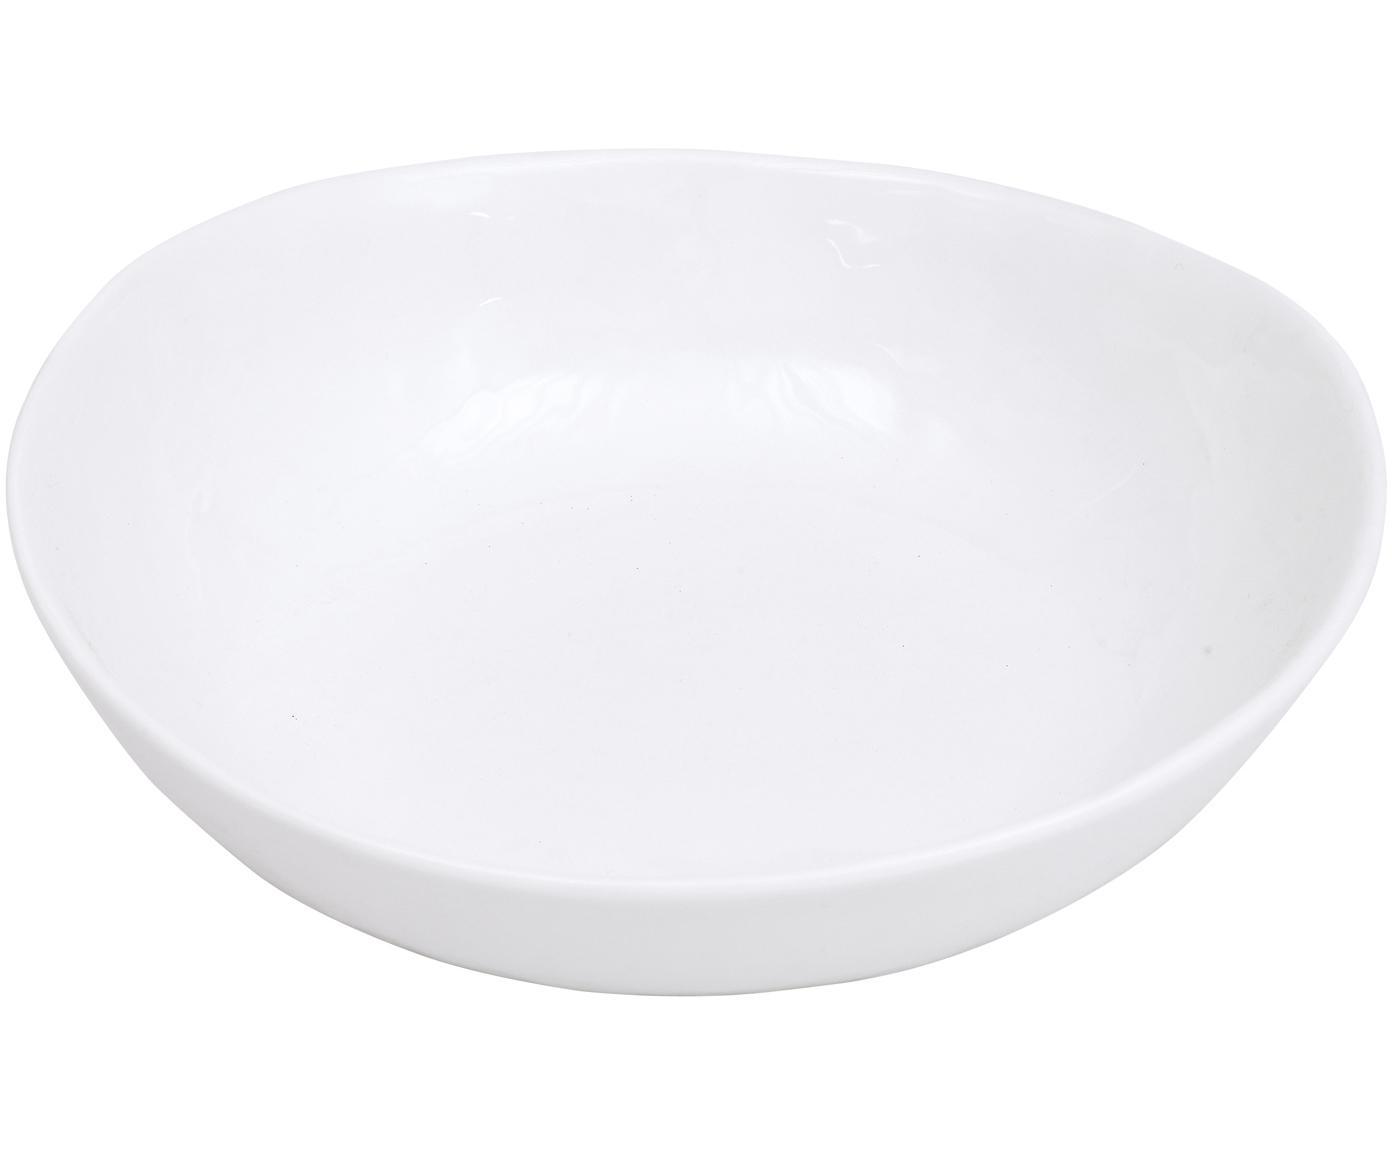 Schaal Porcelino, 4 stuks, Porselein, Wit, 16 x 17 cm